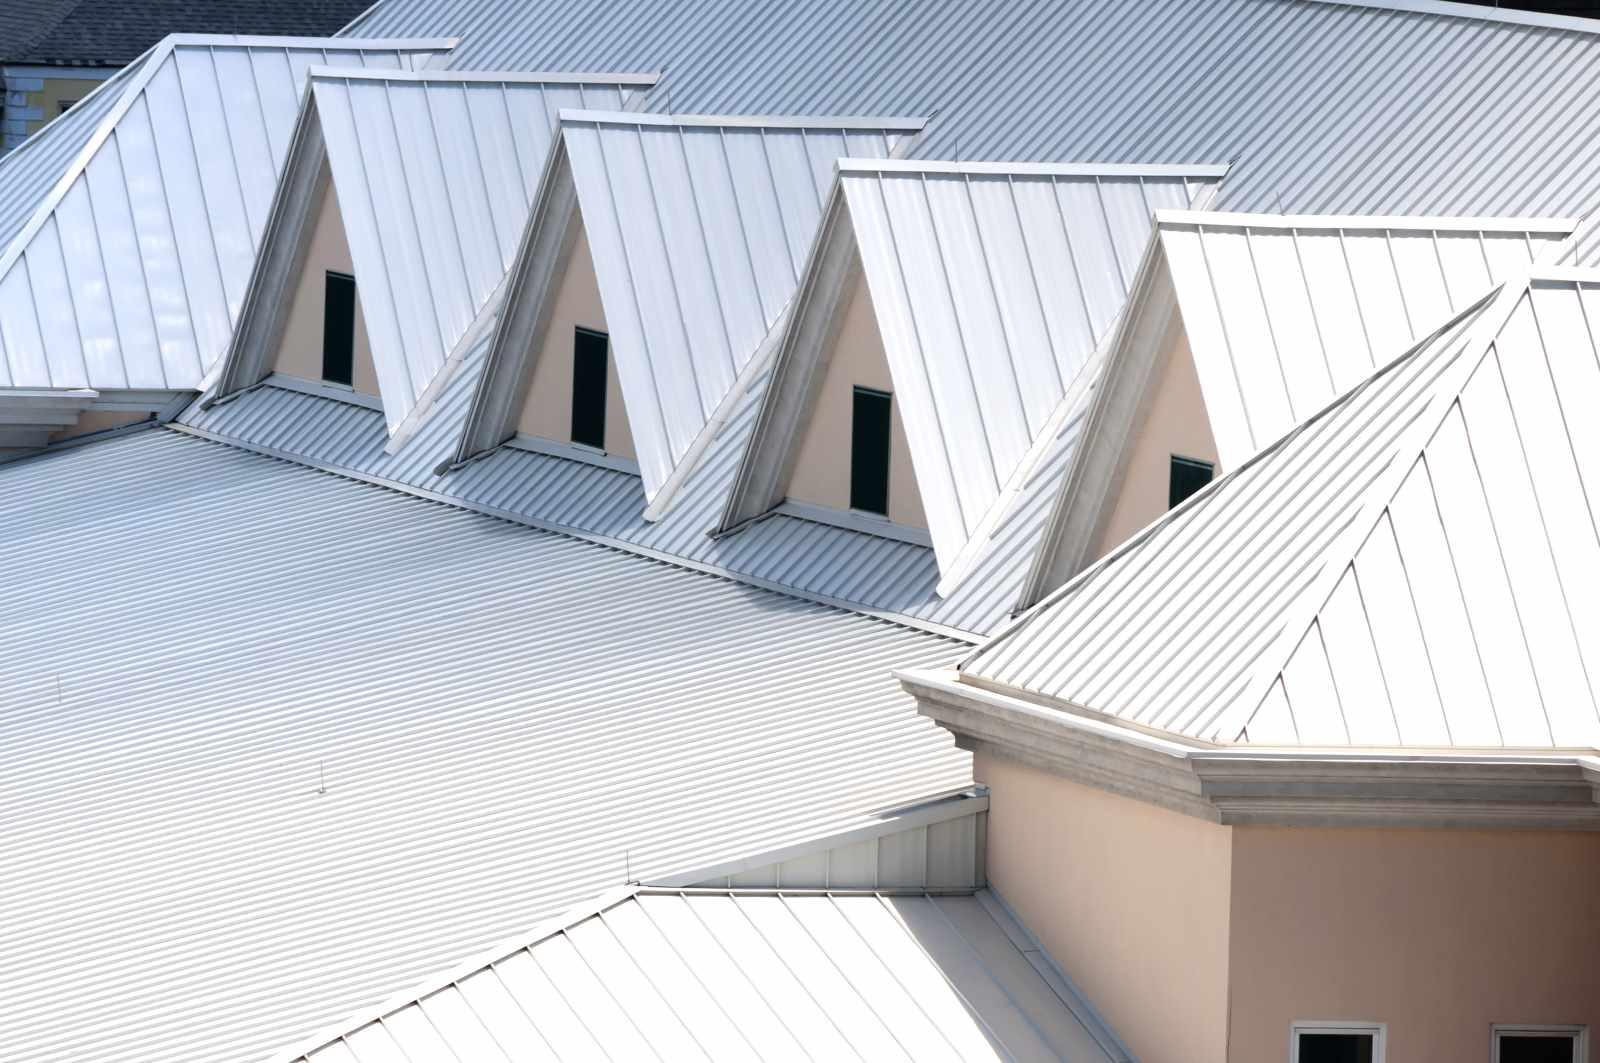 Unique white triangular shaped aluminum metal roof